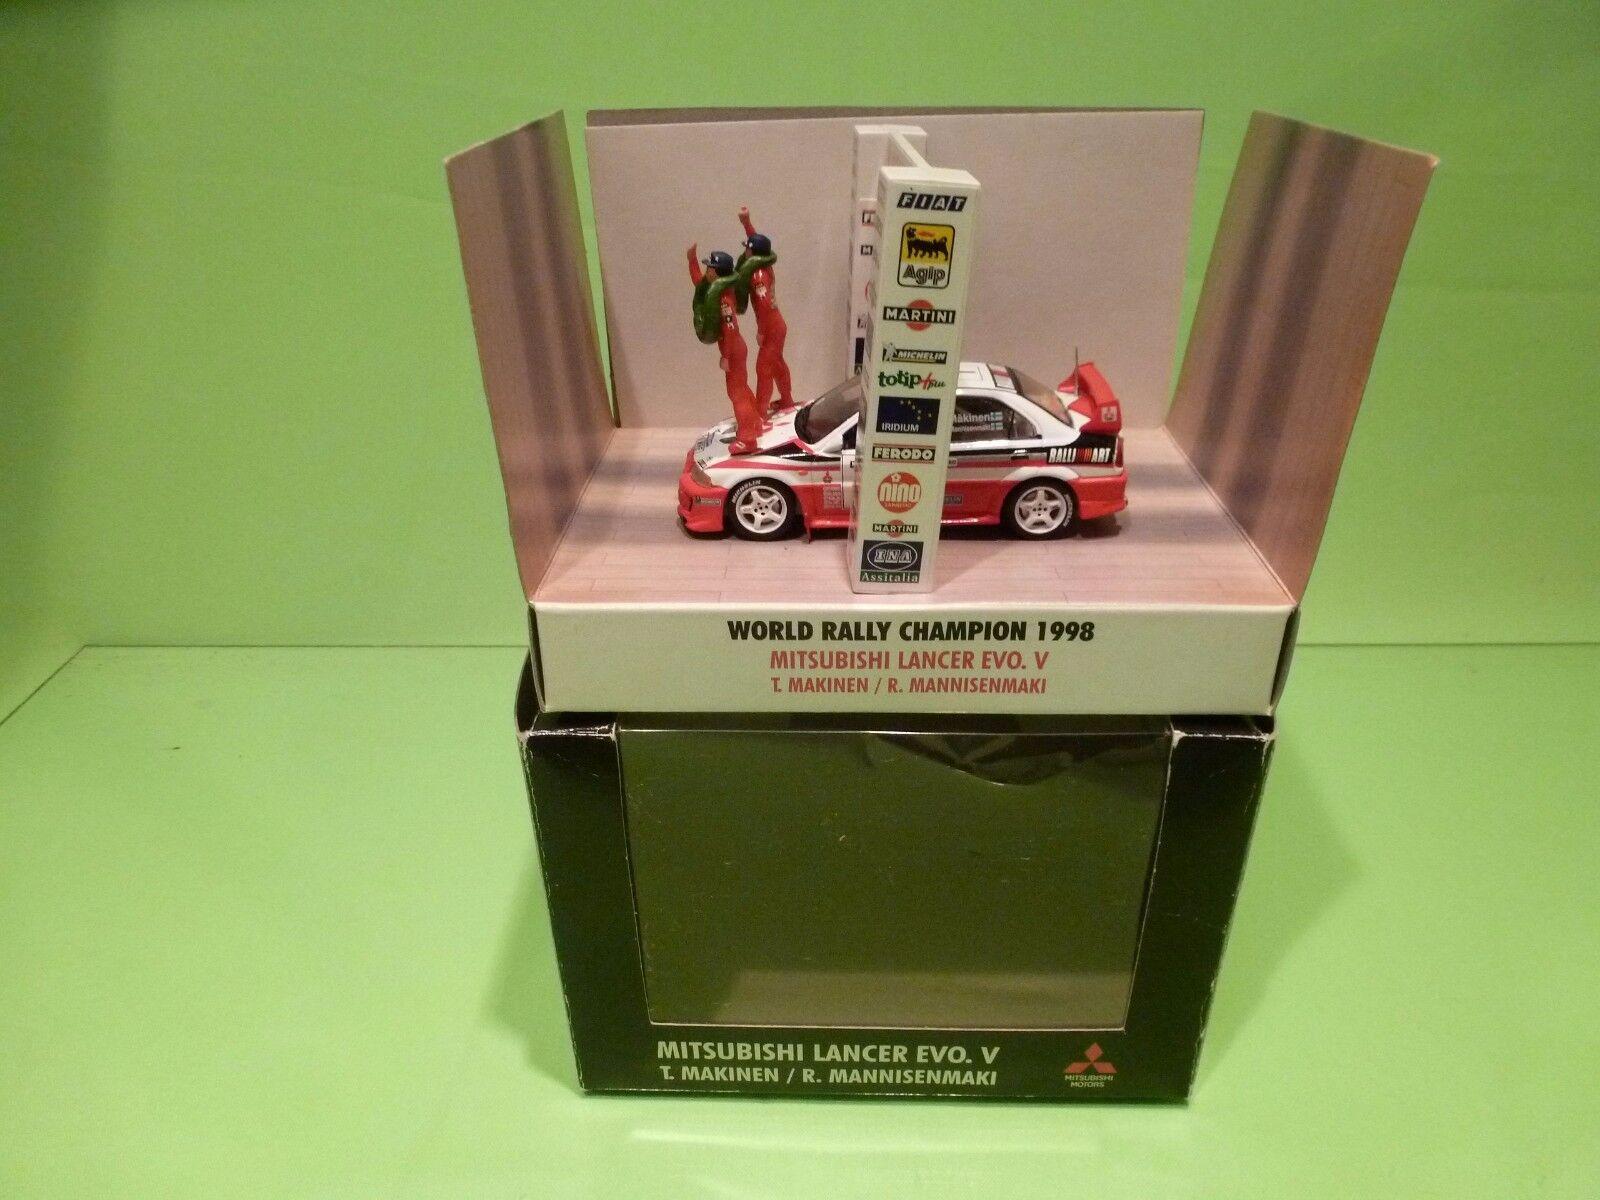 SKID MITSUBISHI LANCER EVO V - MAKINEN MANNISENMAKI - WRC 1998 CHAMPION - rosso